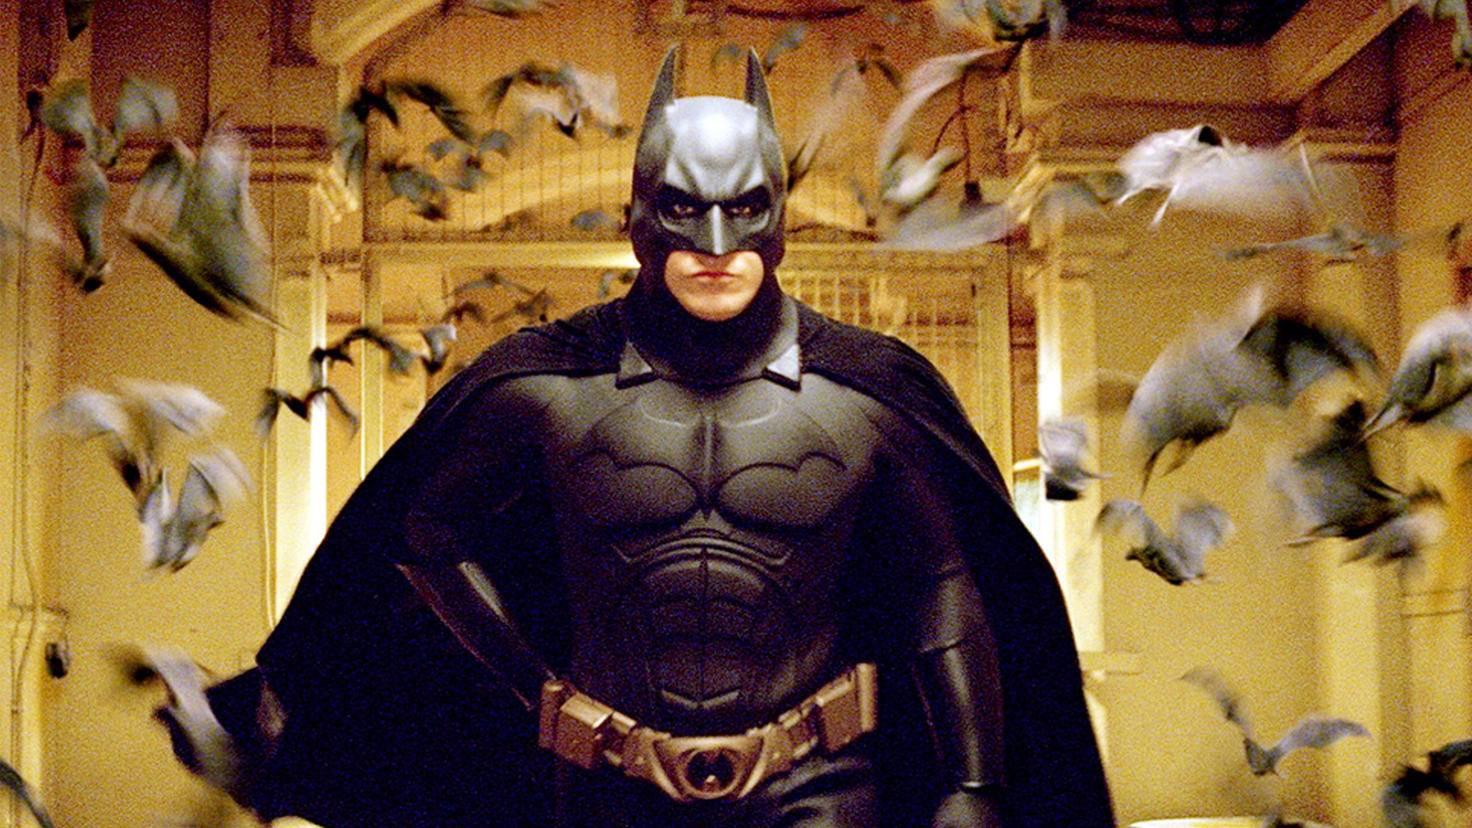 """Christian Bale verlieh Batman eine ganz eigene, sehr düstere Note und etablierte den """"Dark Knight""""."""